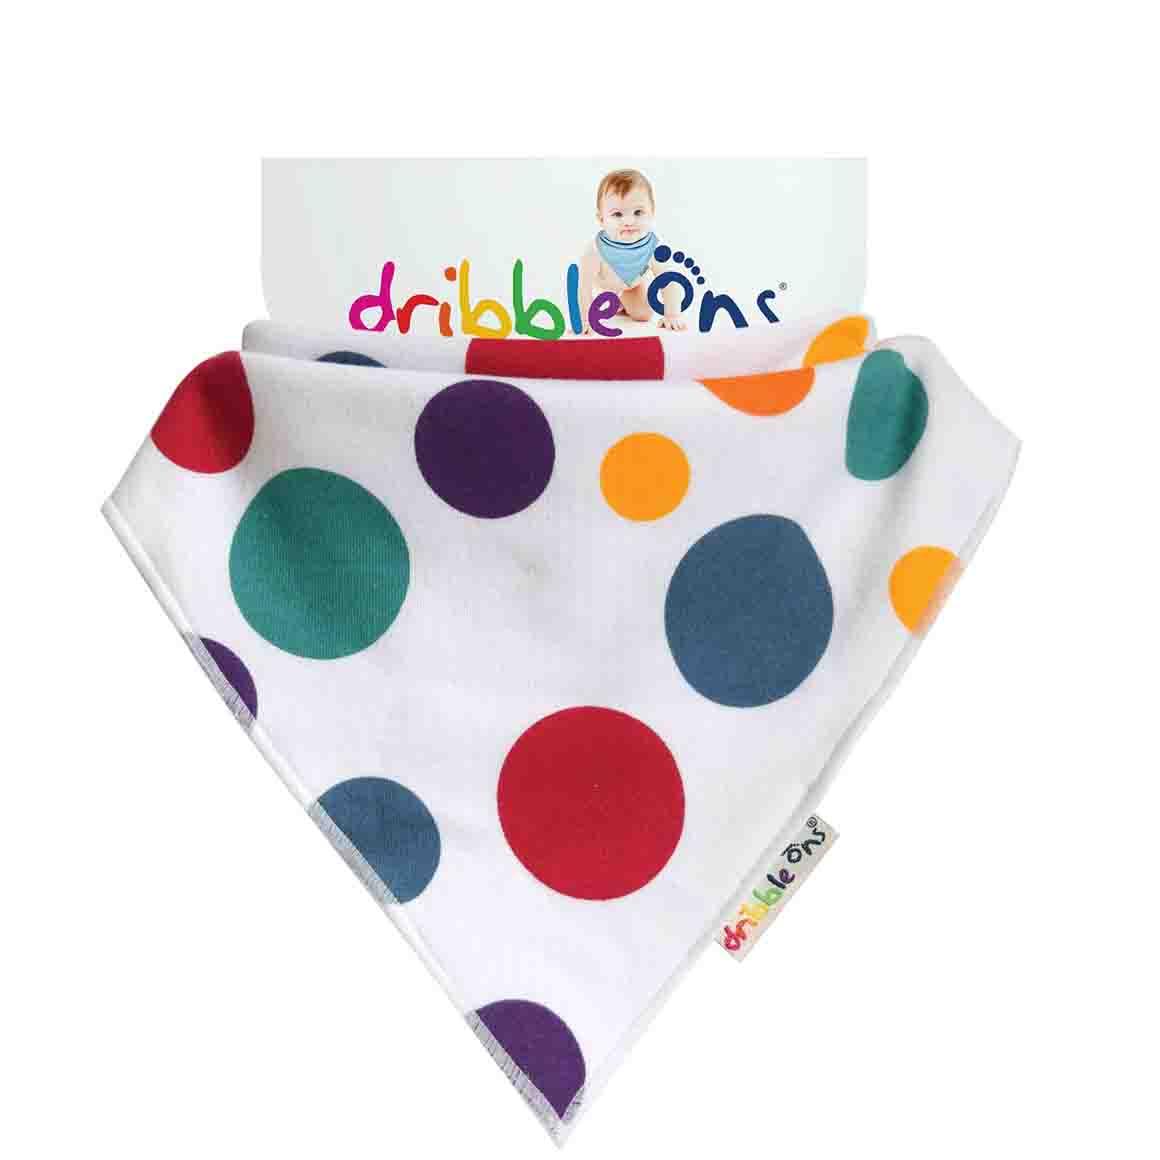 DRIBBLE ONS Polka Dot | Trada Marketplace